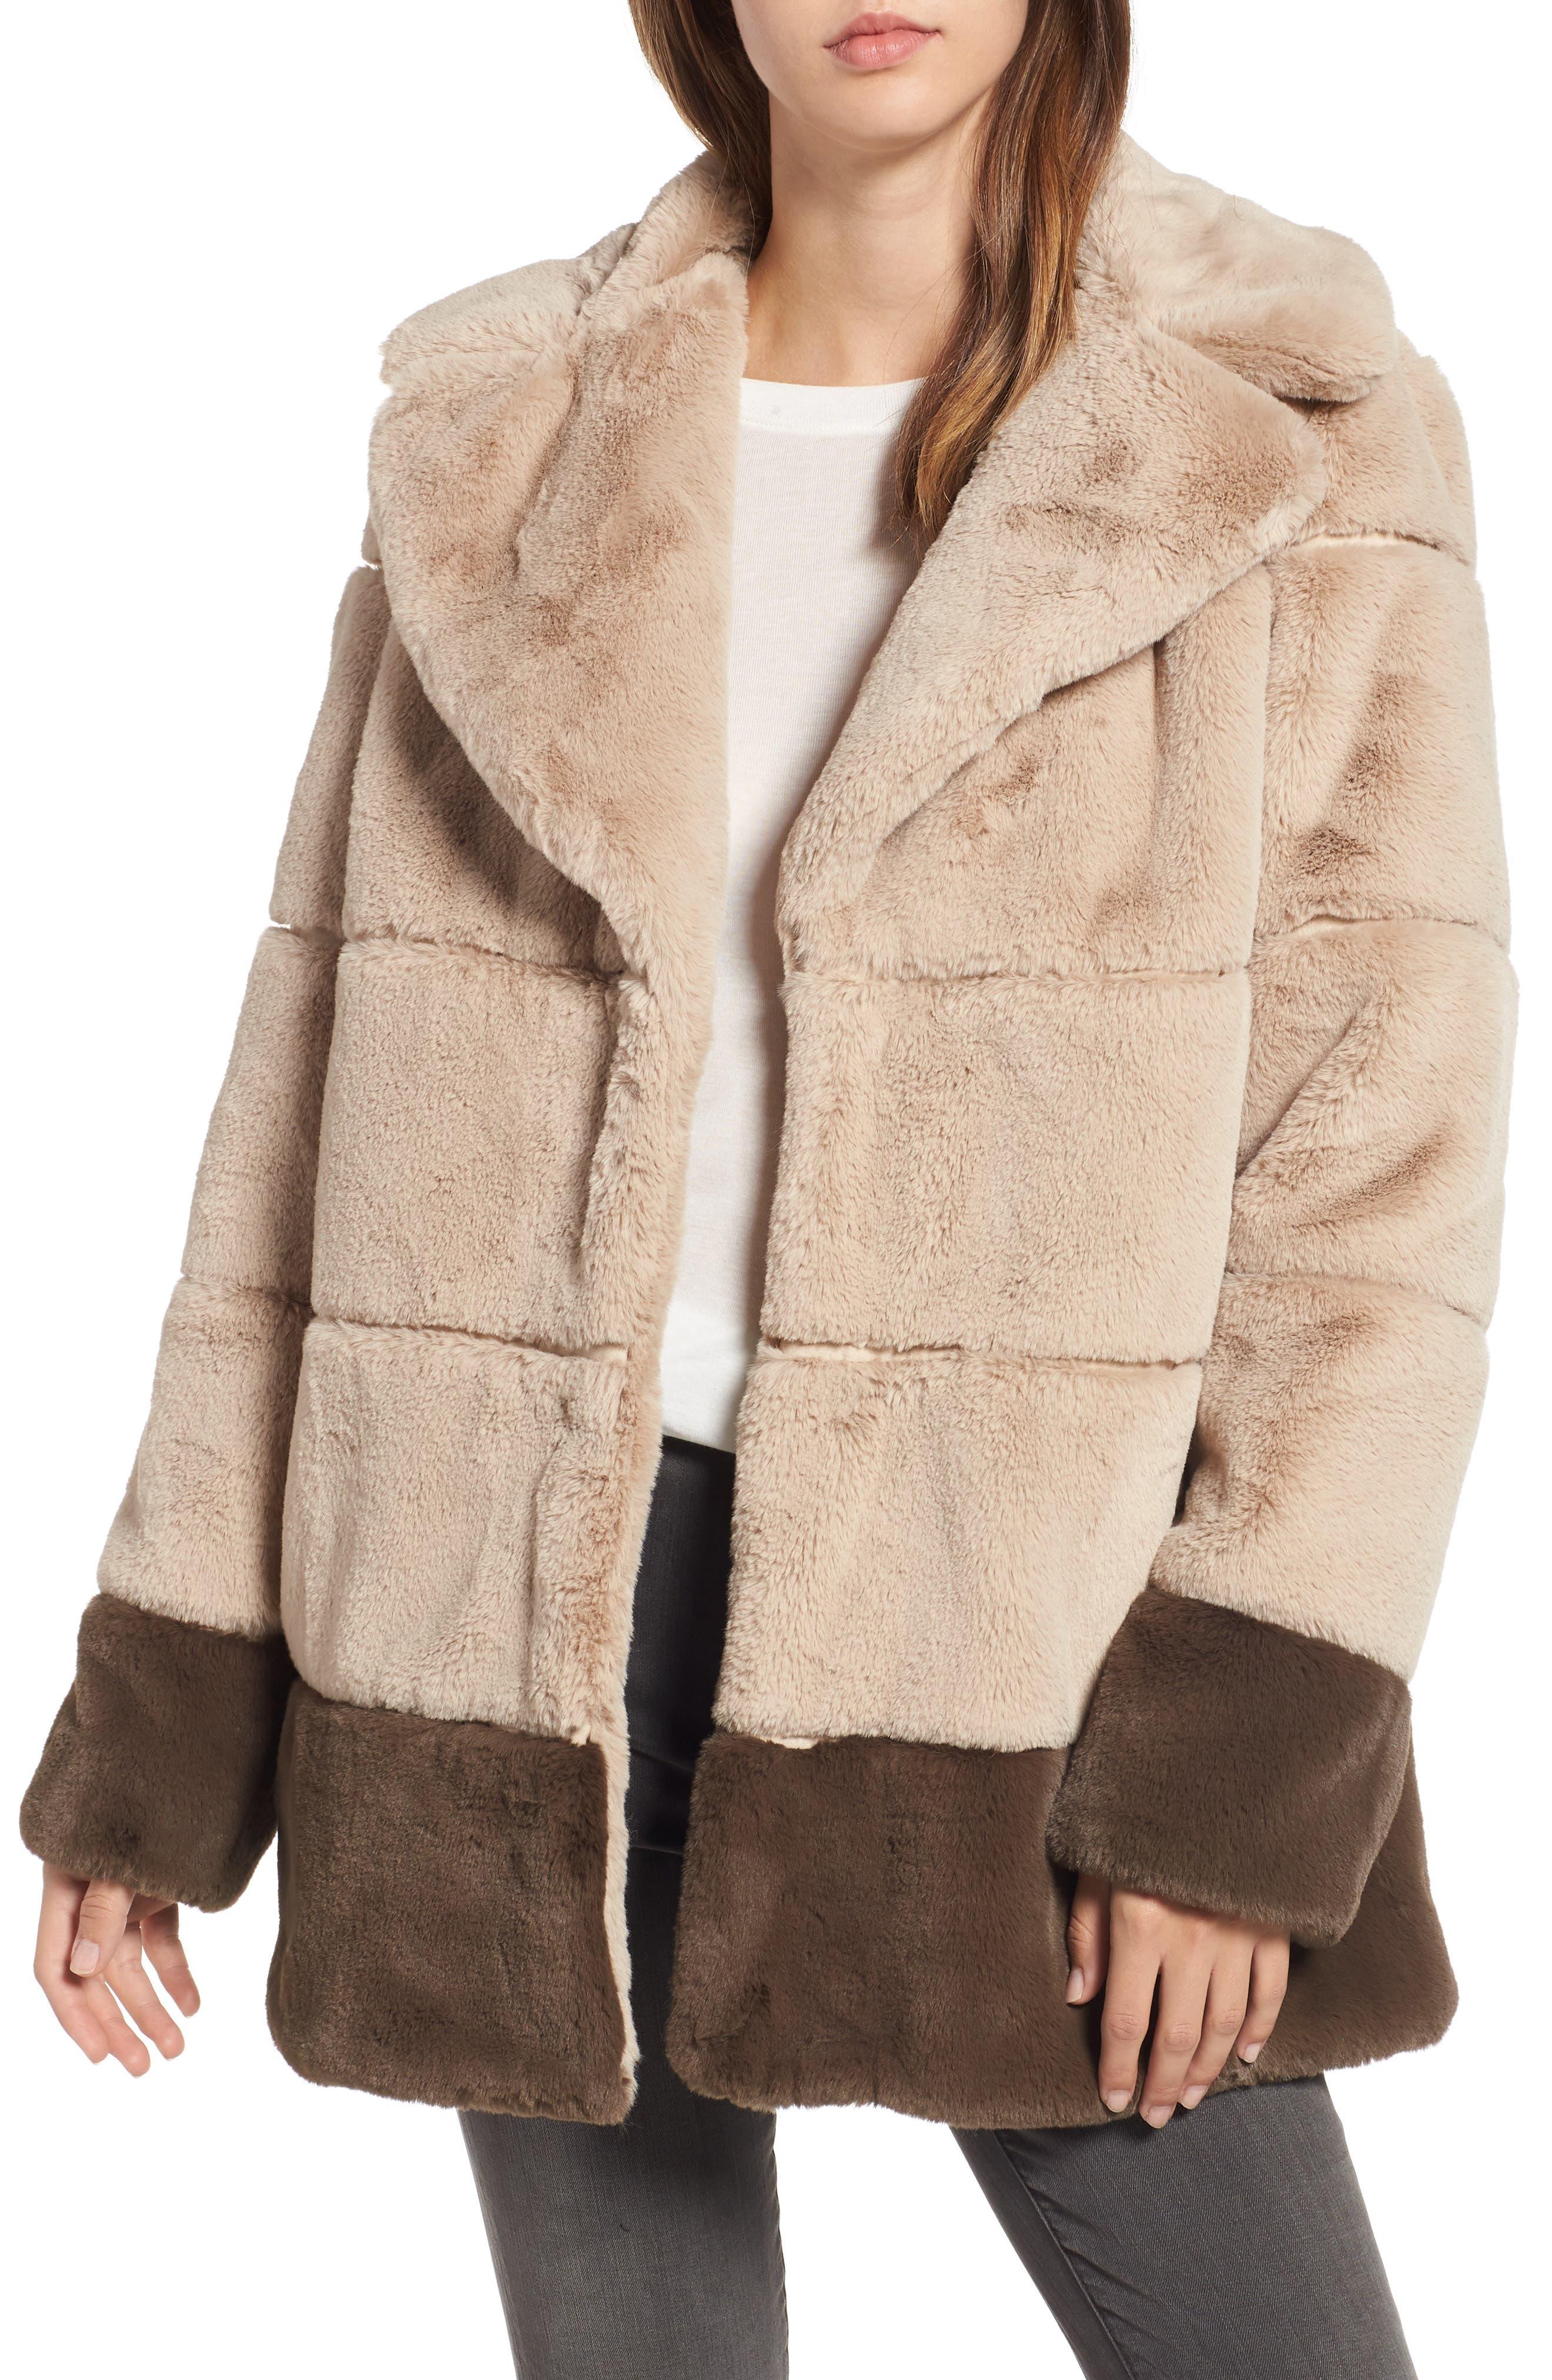 Colorblock Panel Faux Fur Jacket,                             Main thumbnail 1, color,                             BEIGE/ BROWN